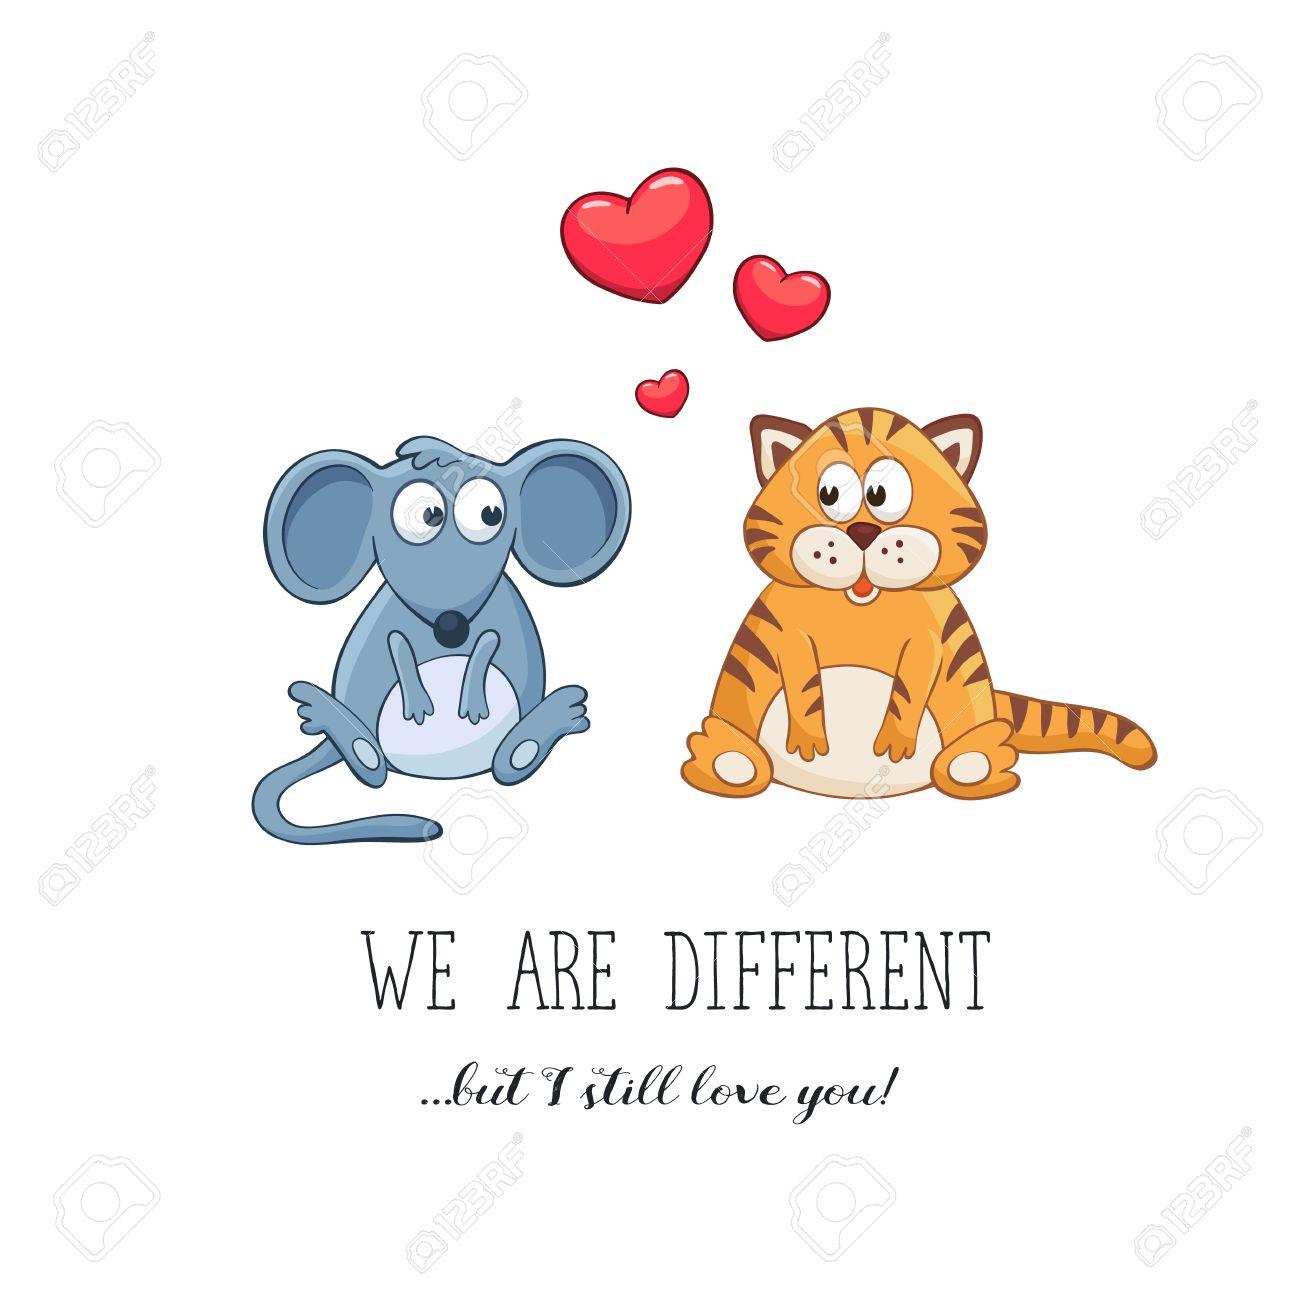 Cartoon animals with hearts valentines day funny greeting cartoon animals with hearts valentines day funny greeting card we are different but m4hsunfo